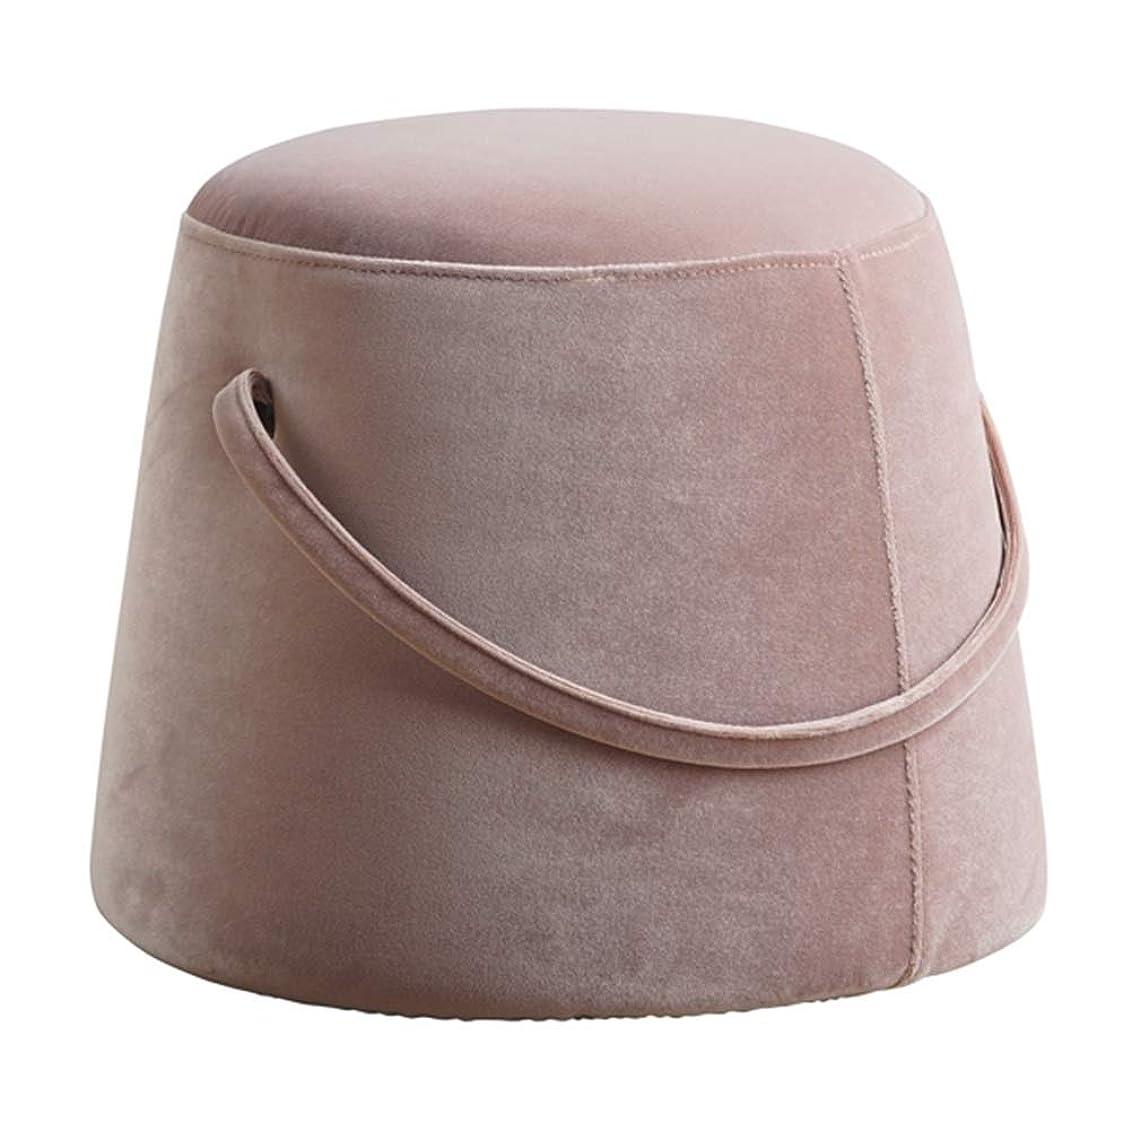 リマ避難セーターソファスツール 家庭 円形 ロースツール ノルディック スツール クリエイティブ ベルベット 靴のスツールを交換する GAOFENG (色 : ピンク, サイズ さいず : 36*33cm)